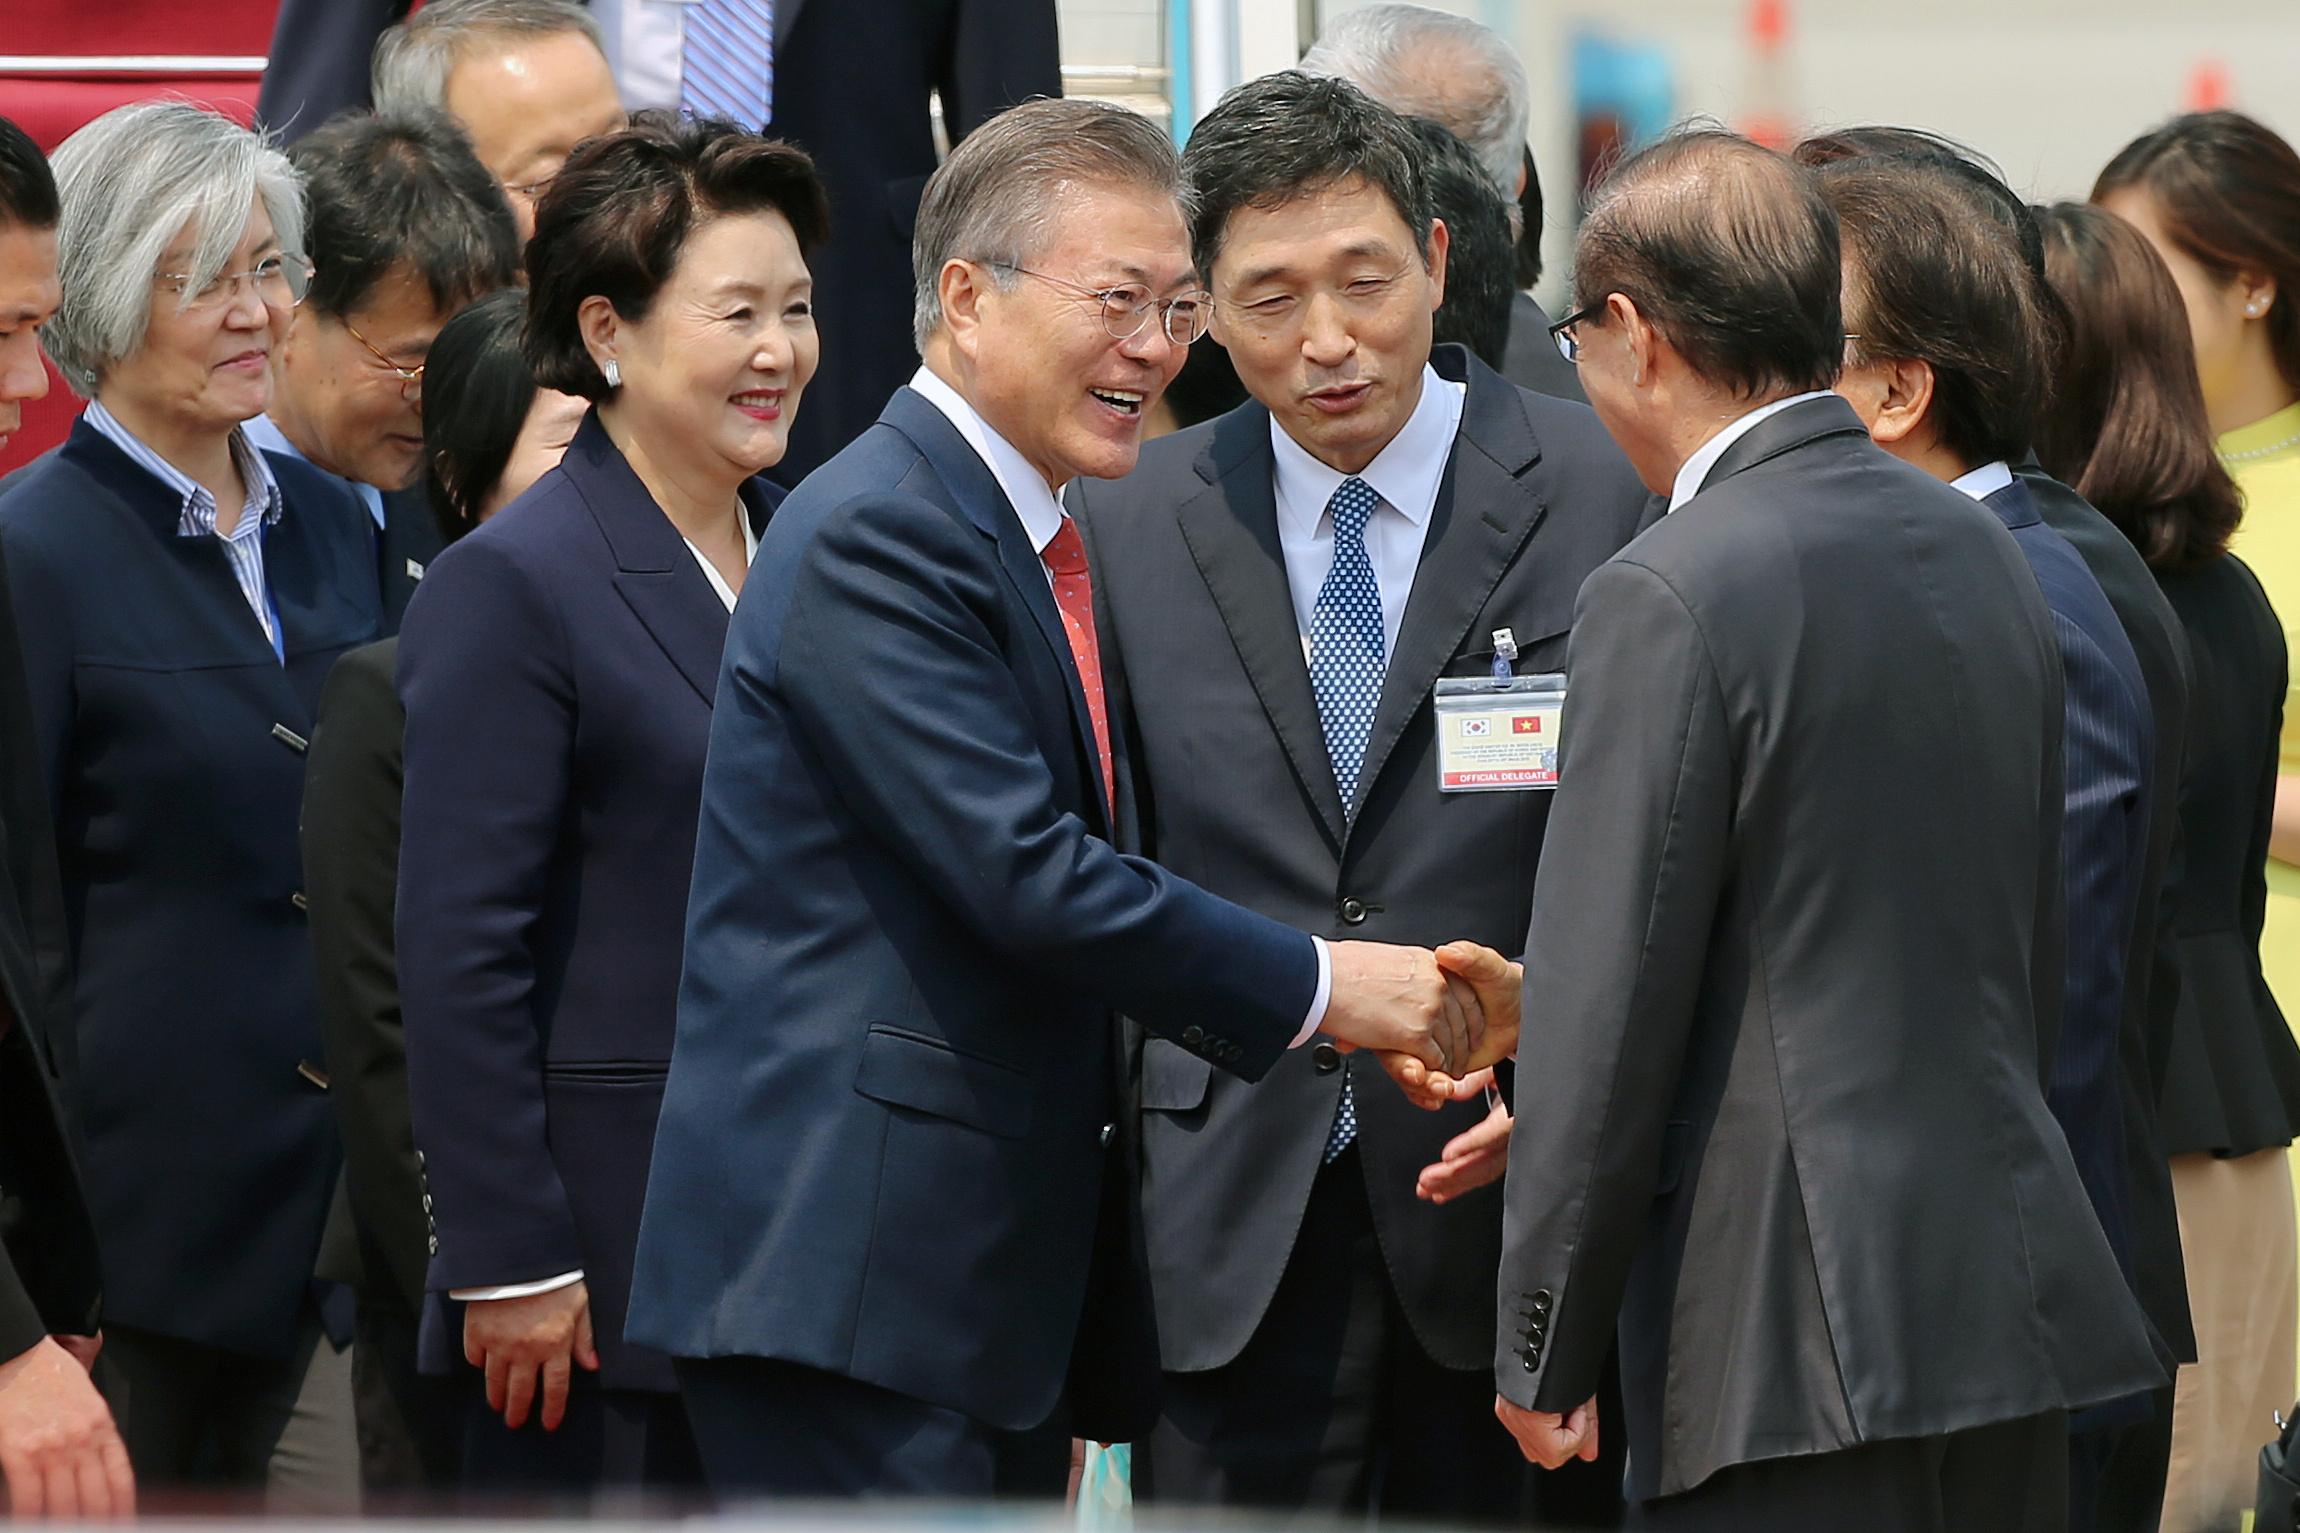 رئيس كوريا الجنوبية يصافح مسئولين بفتنام